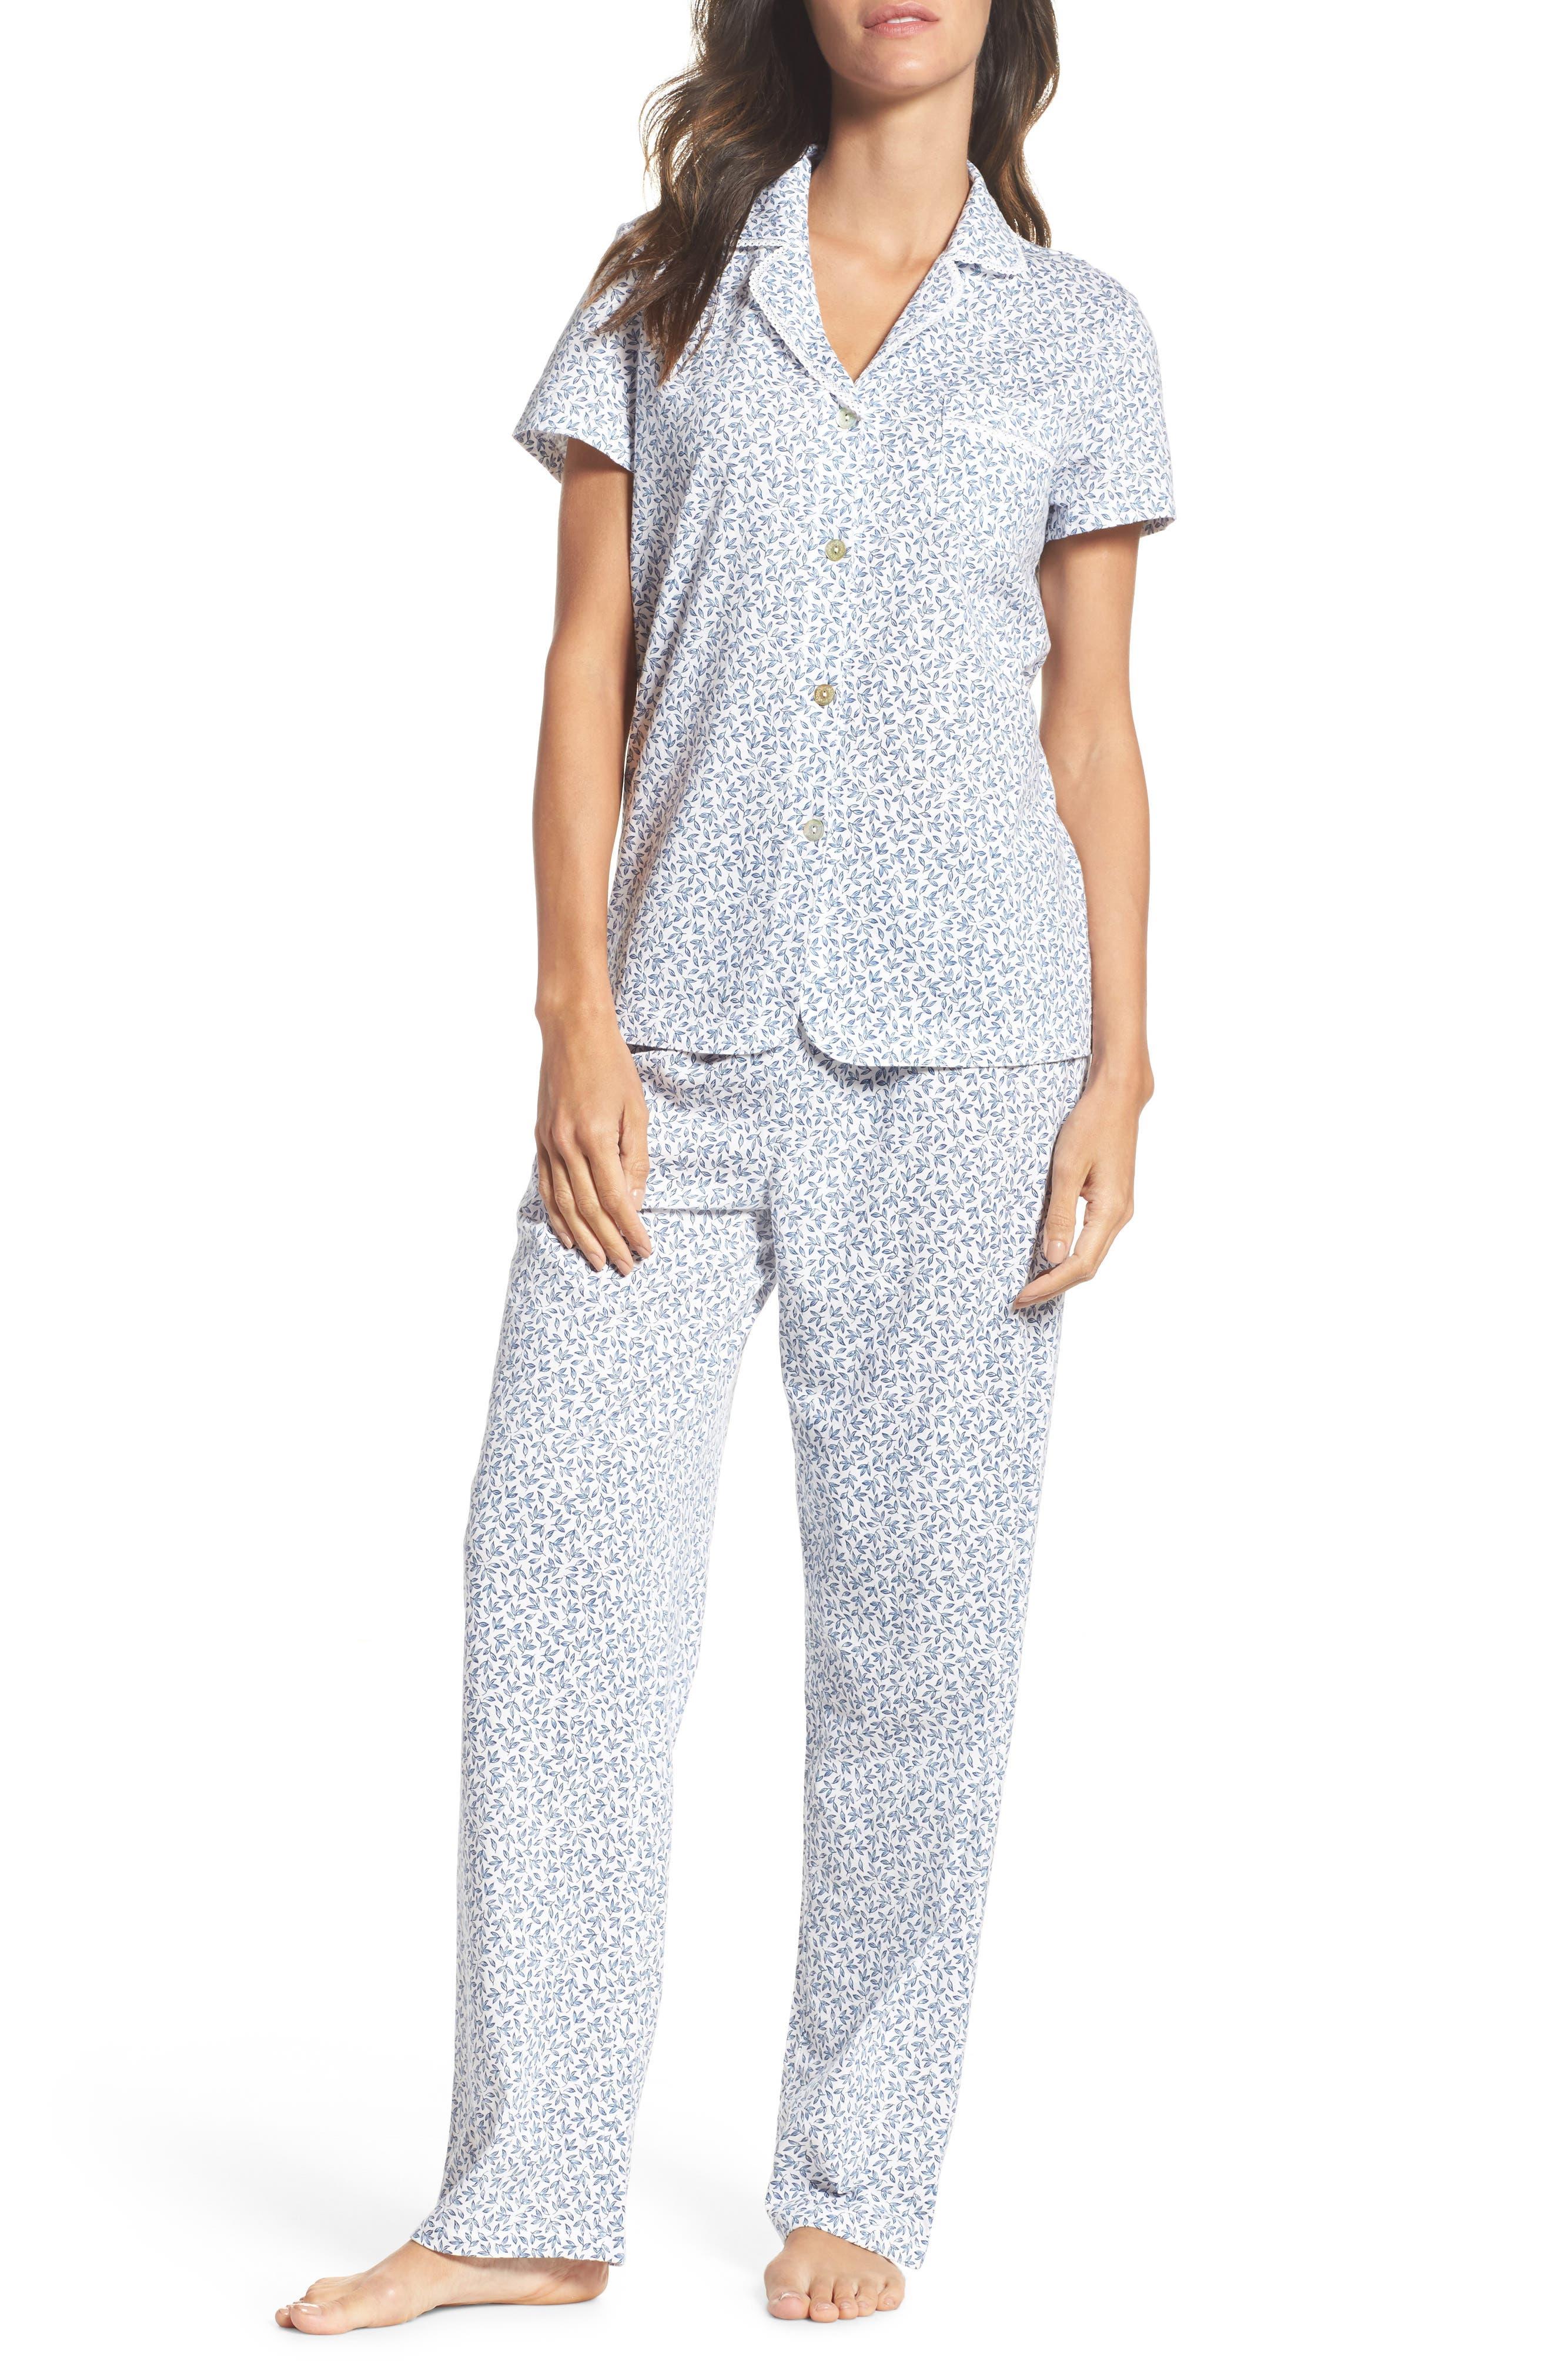 Main Image - Carole Hochman Print Jersey Pajamas